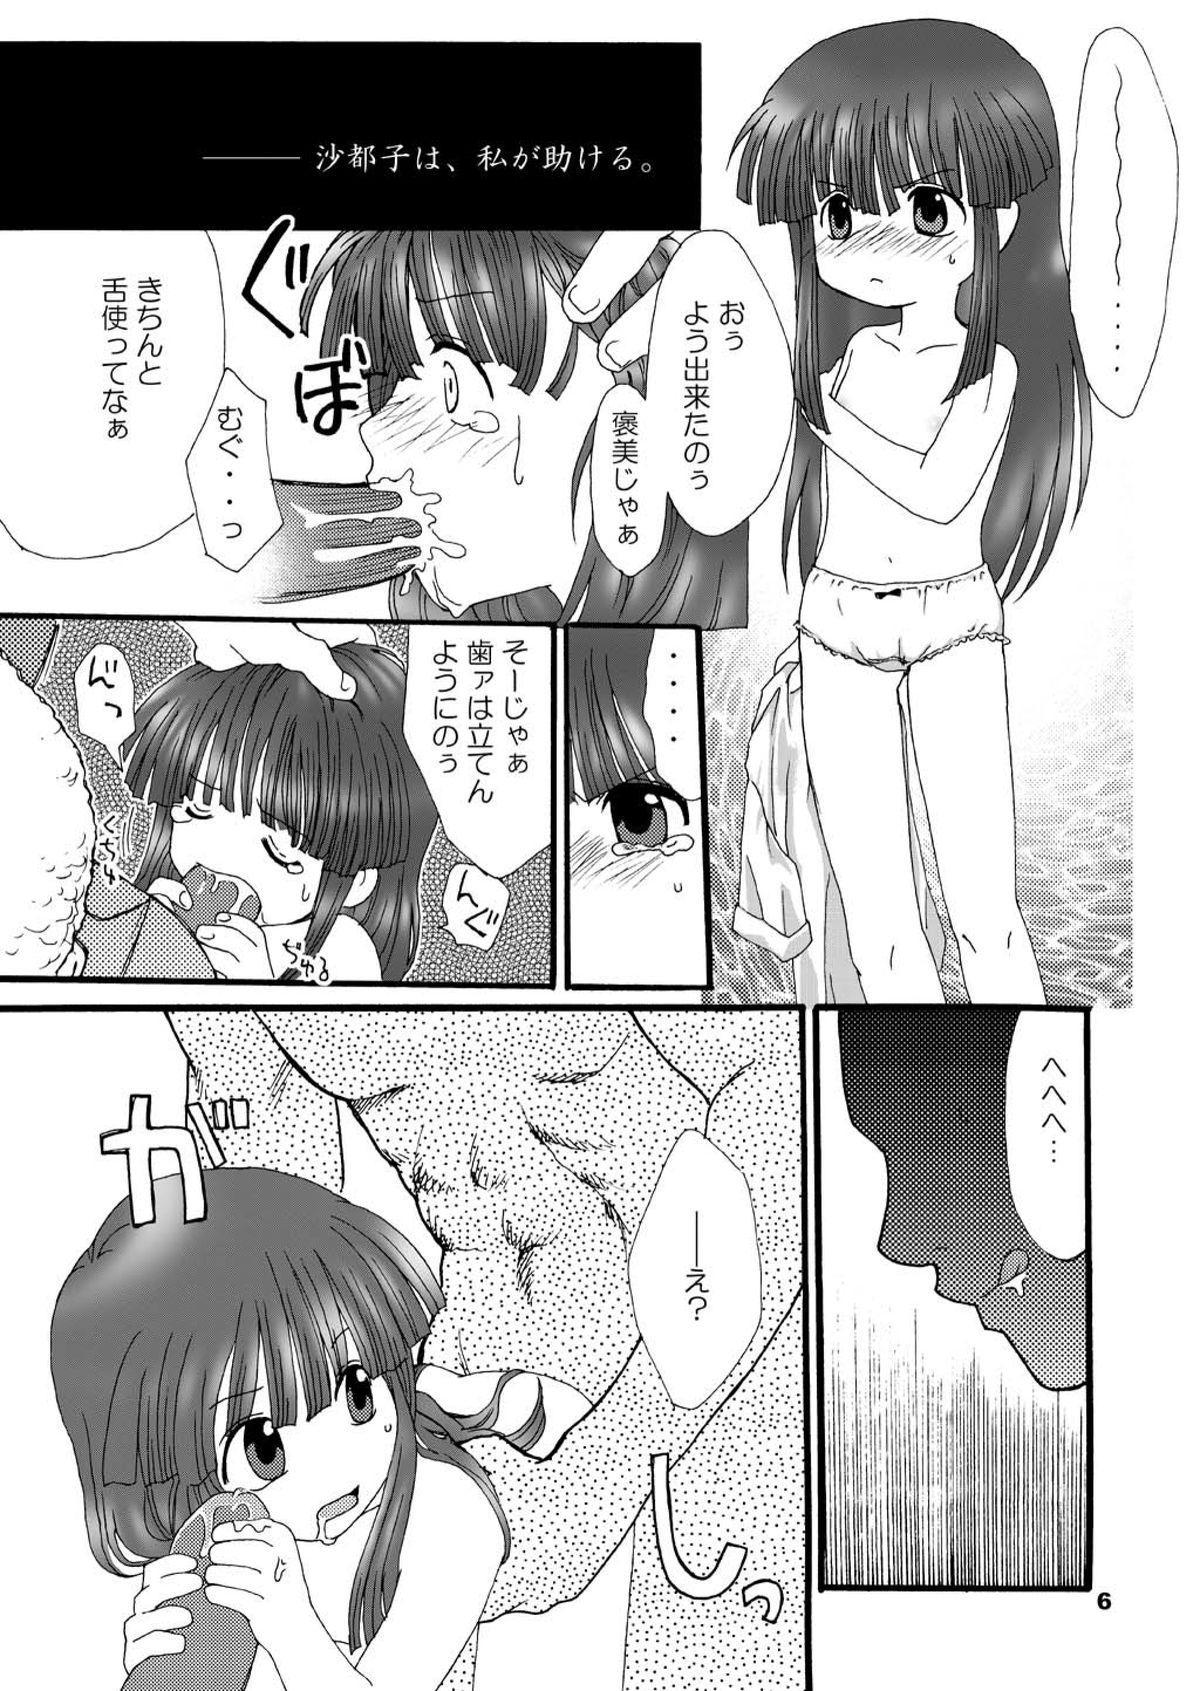 [Yakou Yousei (Mizuki Yuu)] Higurashi no Koe, Ima wa Tae Kai - Onimawashi-hen (Higurashi no naku koro ni) [Digital] 5